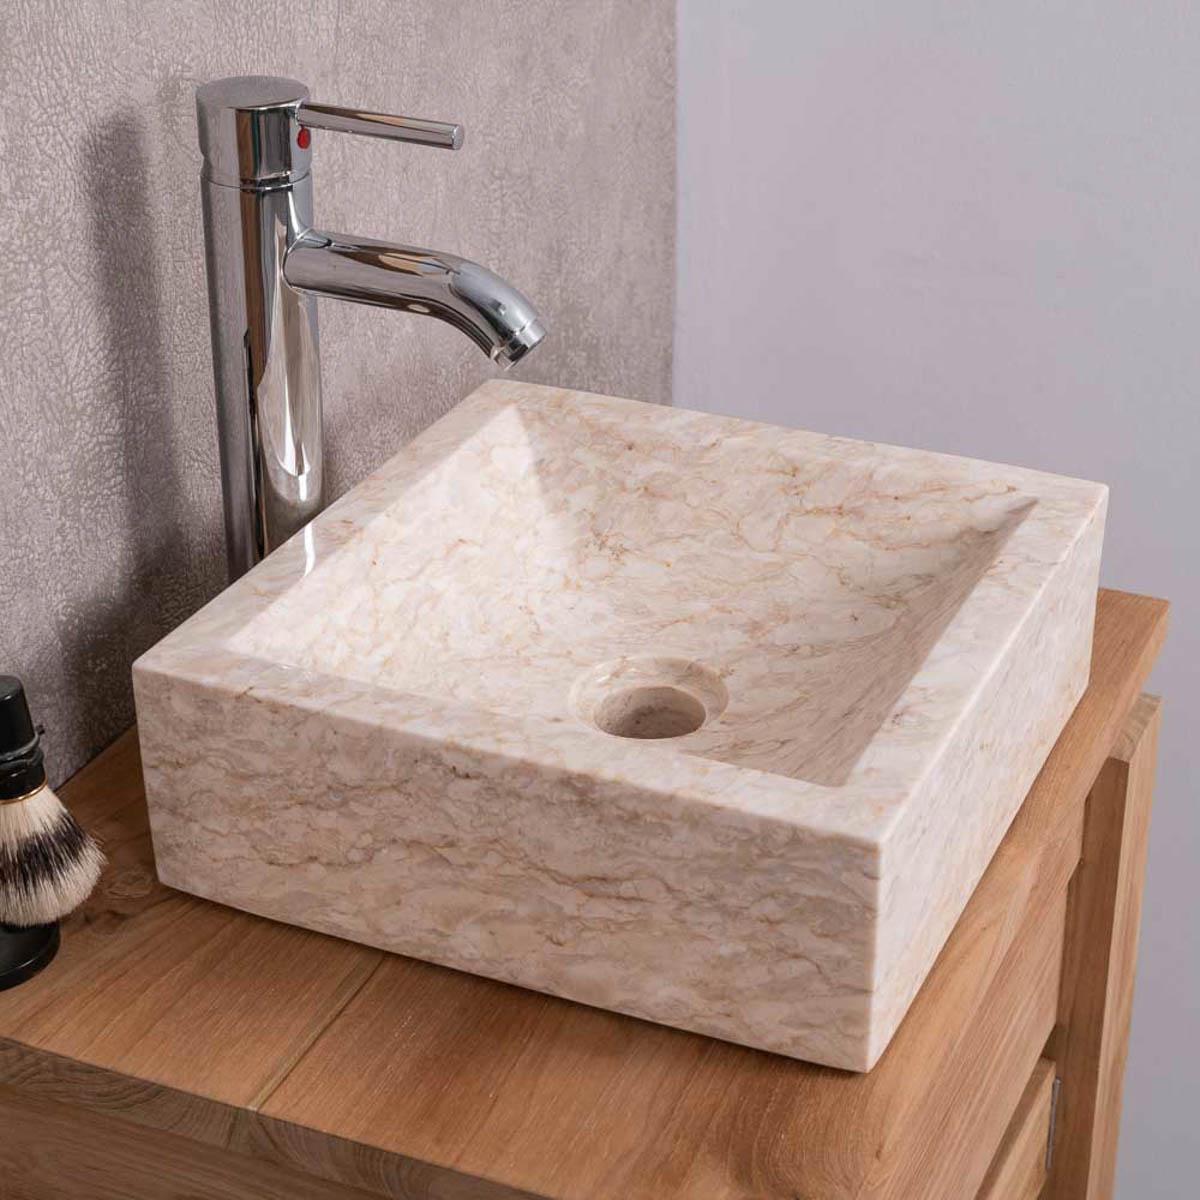 vasque 224 poser marbre carr 233 e cr 232 me alexandrie l 30